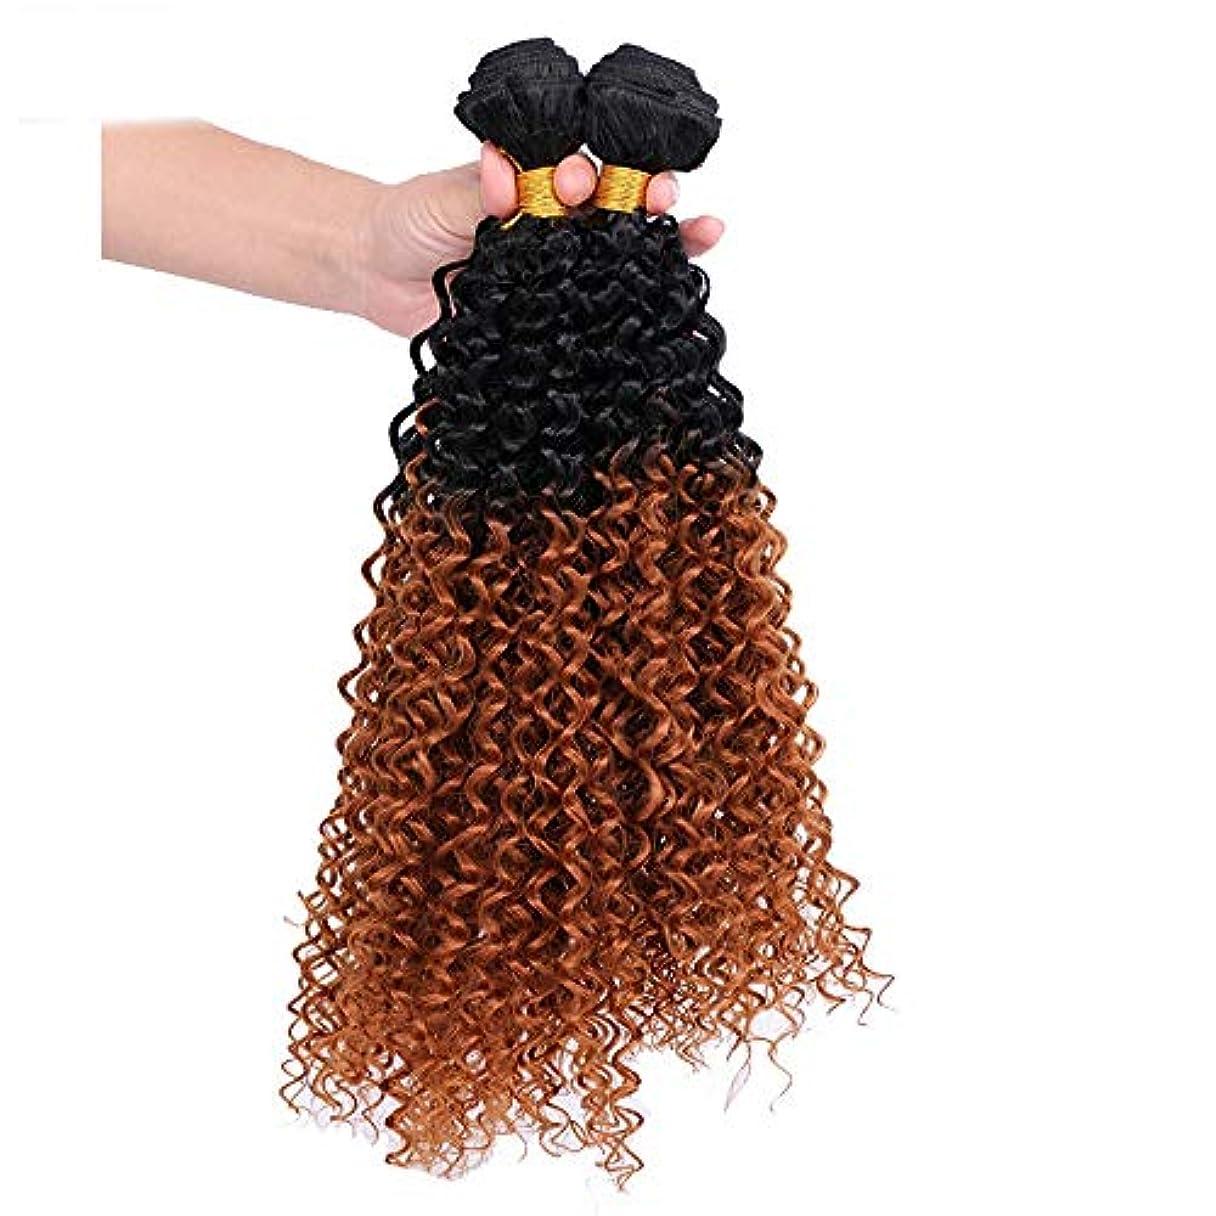 赤面マリン放置HOHYLLYA 茶色のグラデーション巻き毛の女性のためのコスプレパーティードレス(3バンドル)合成髪レースかつらロールプレイングかつらロングとショートの女性自然 (色 : ブラウン, サイズ : 24inch)